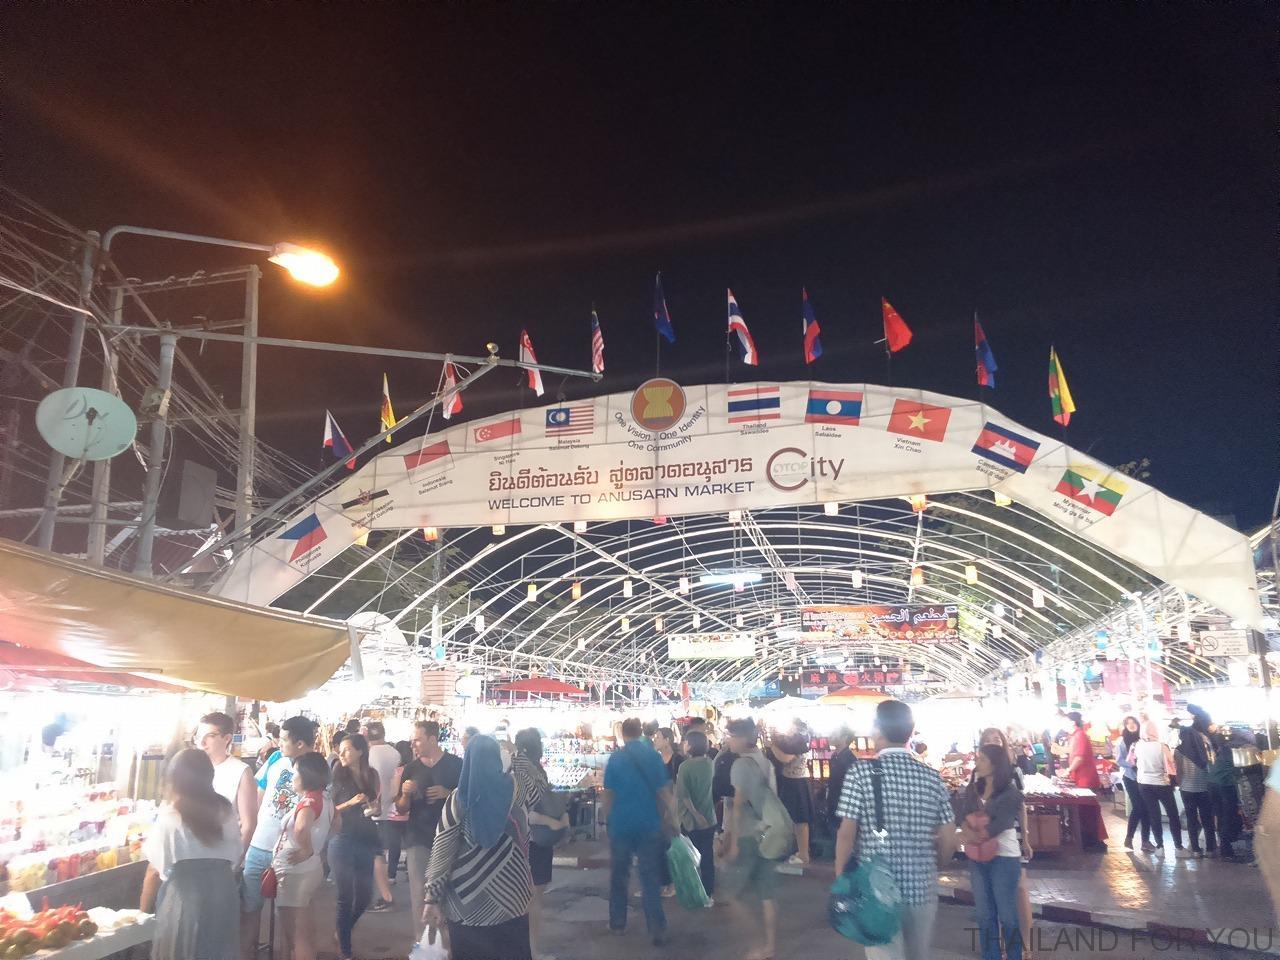 アヌサーンマーケット チェンマイ 写真